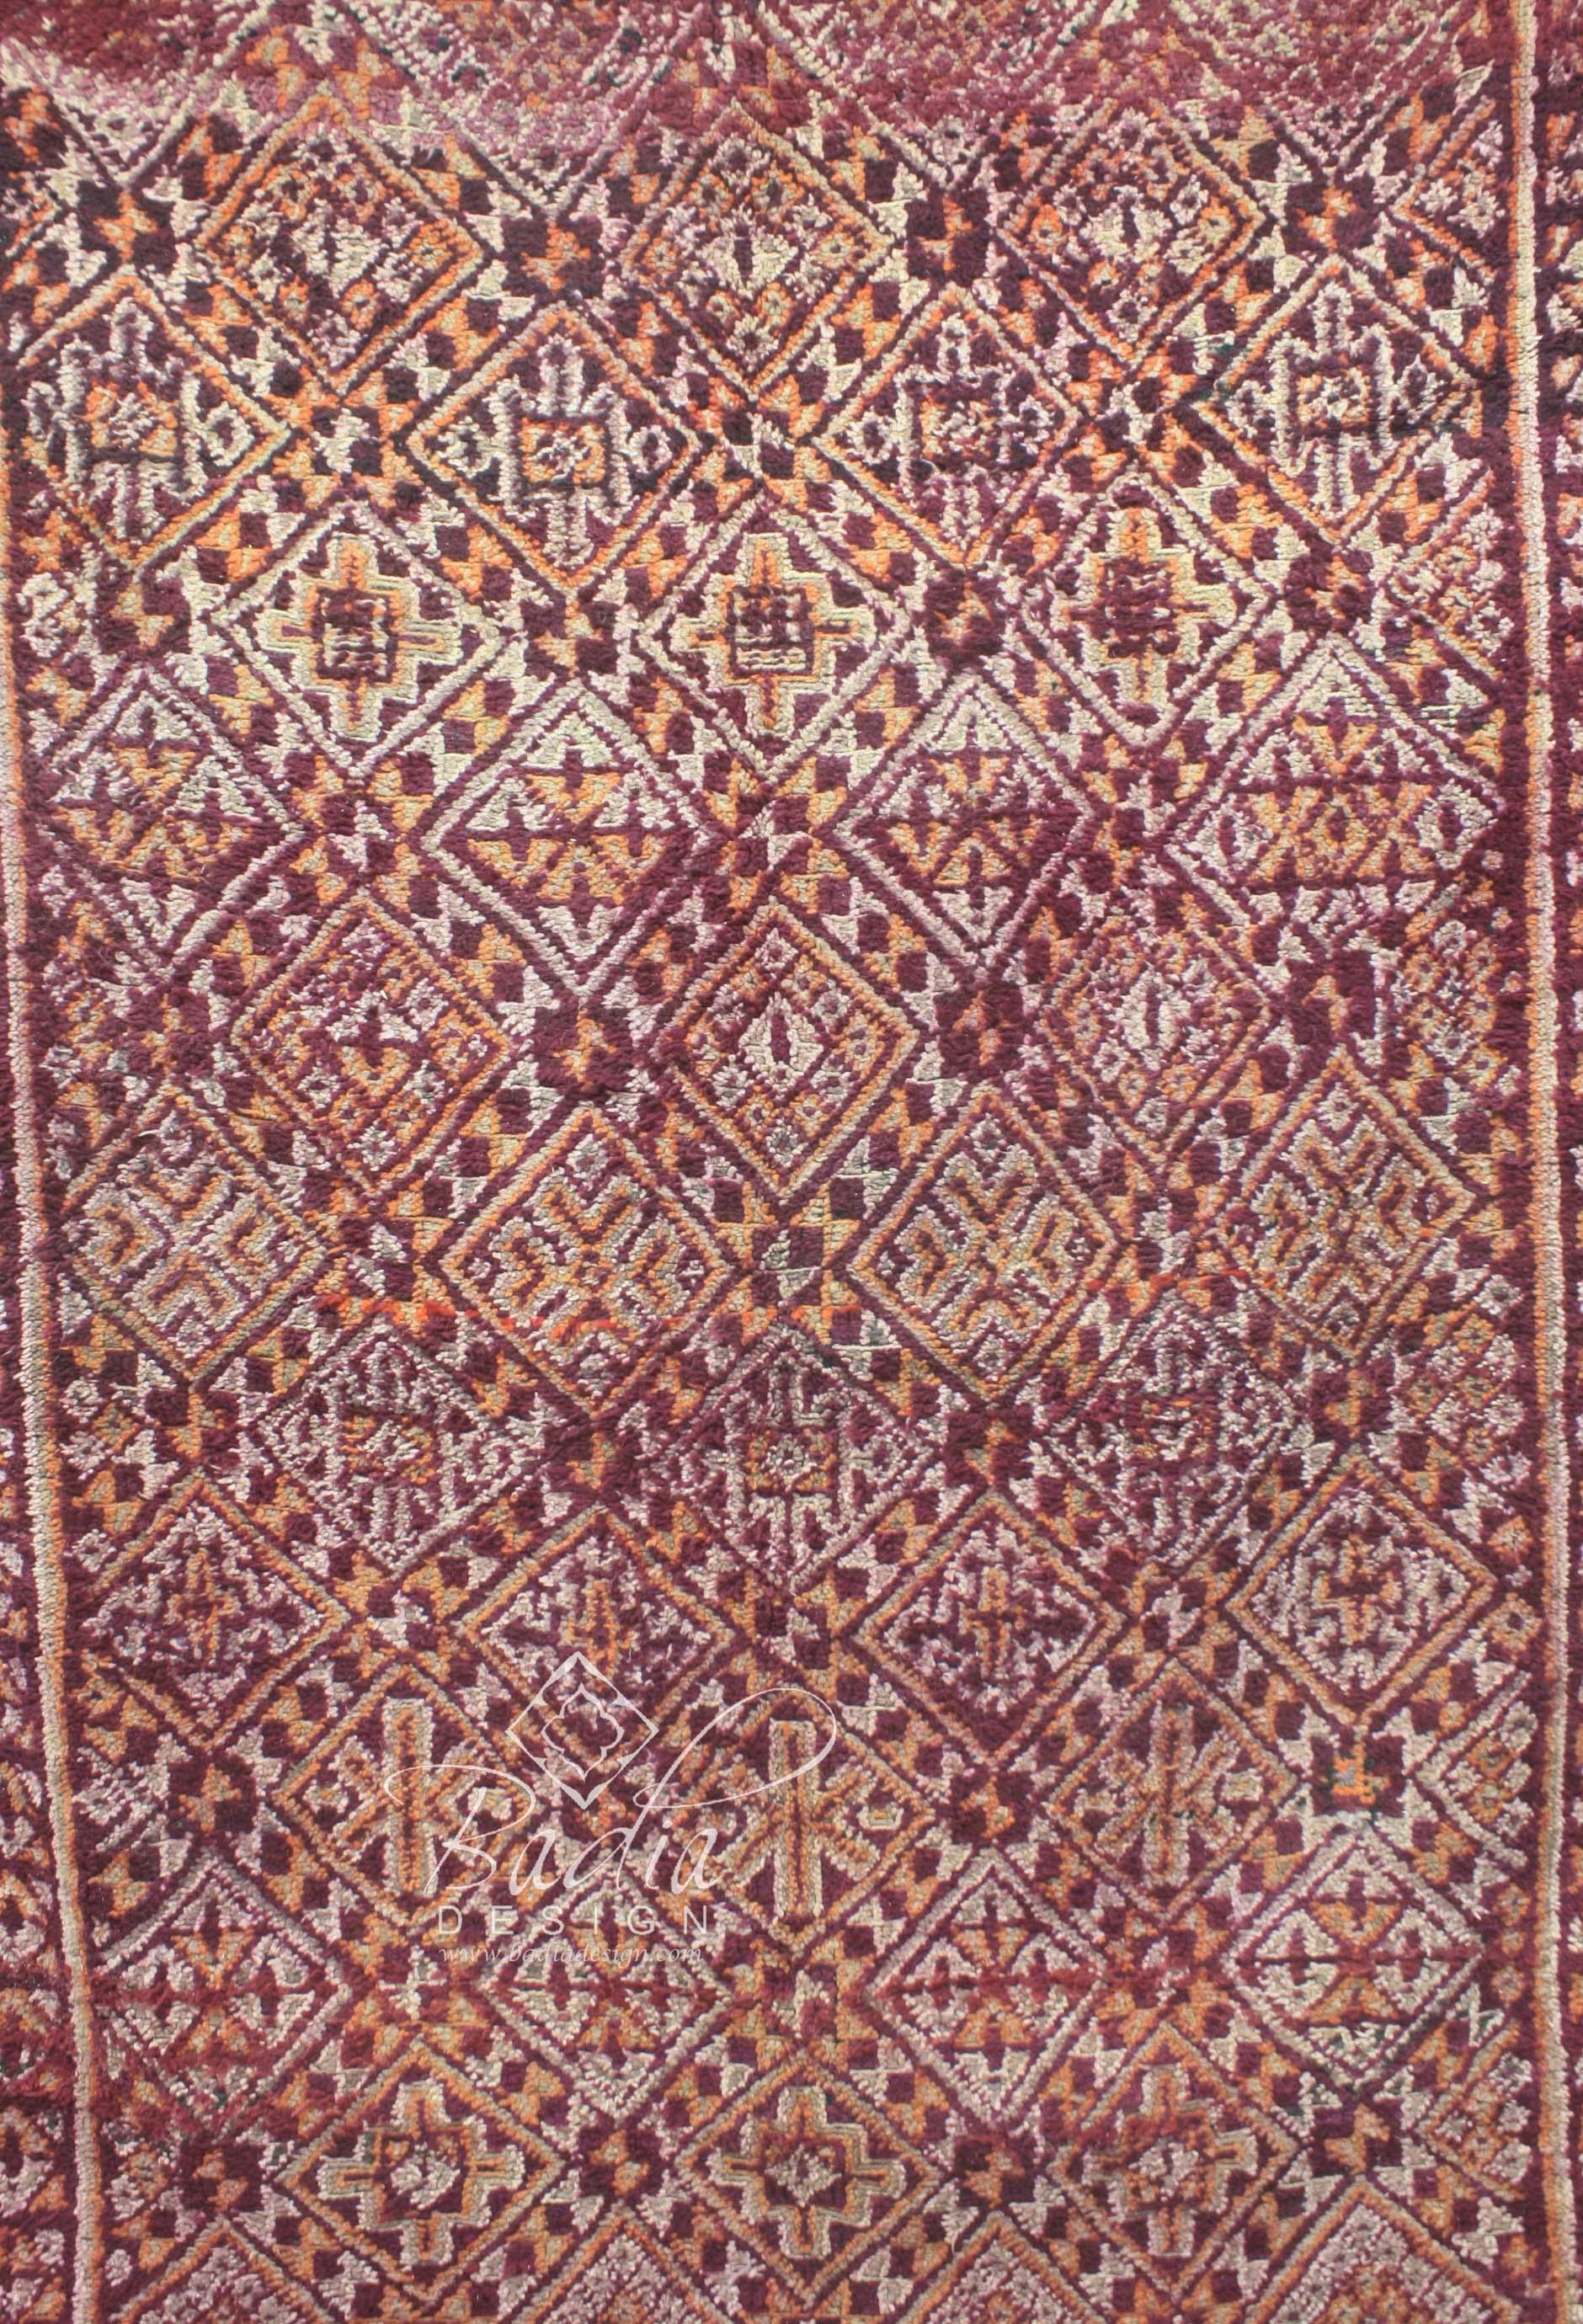 mediterranean-style-berber-rugs-r704-2.jpg